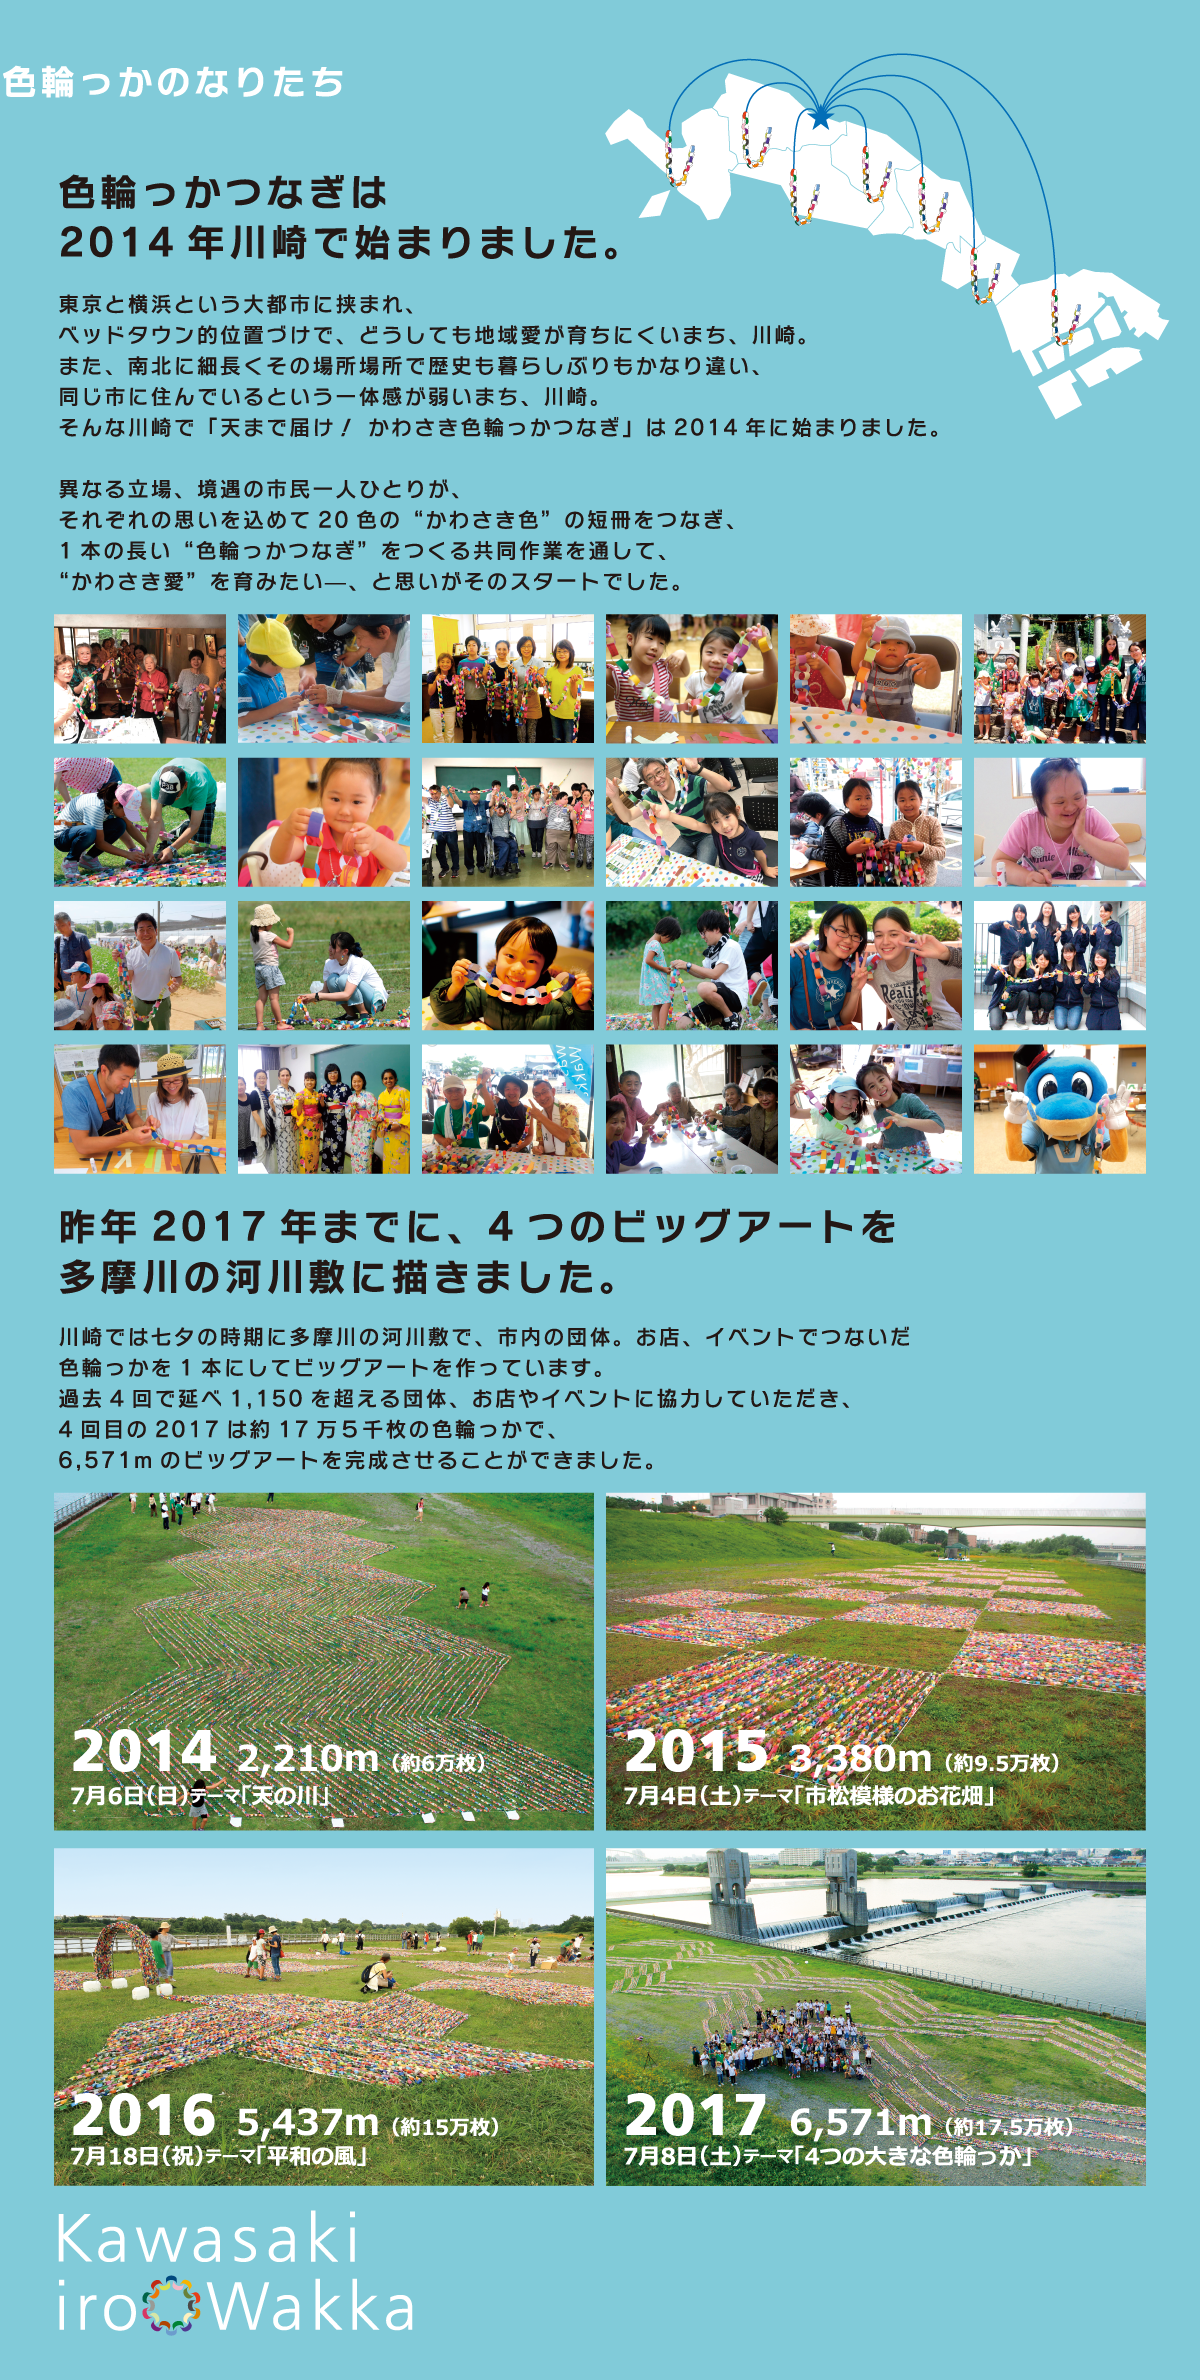 色輪っかのなりたち 色輪っかつなぎは2014年川崎で始まりました。